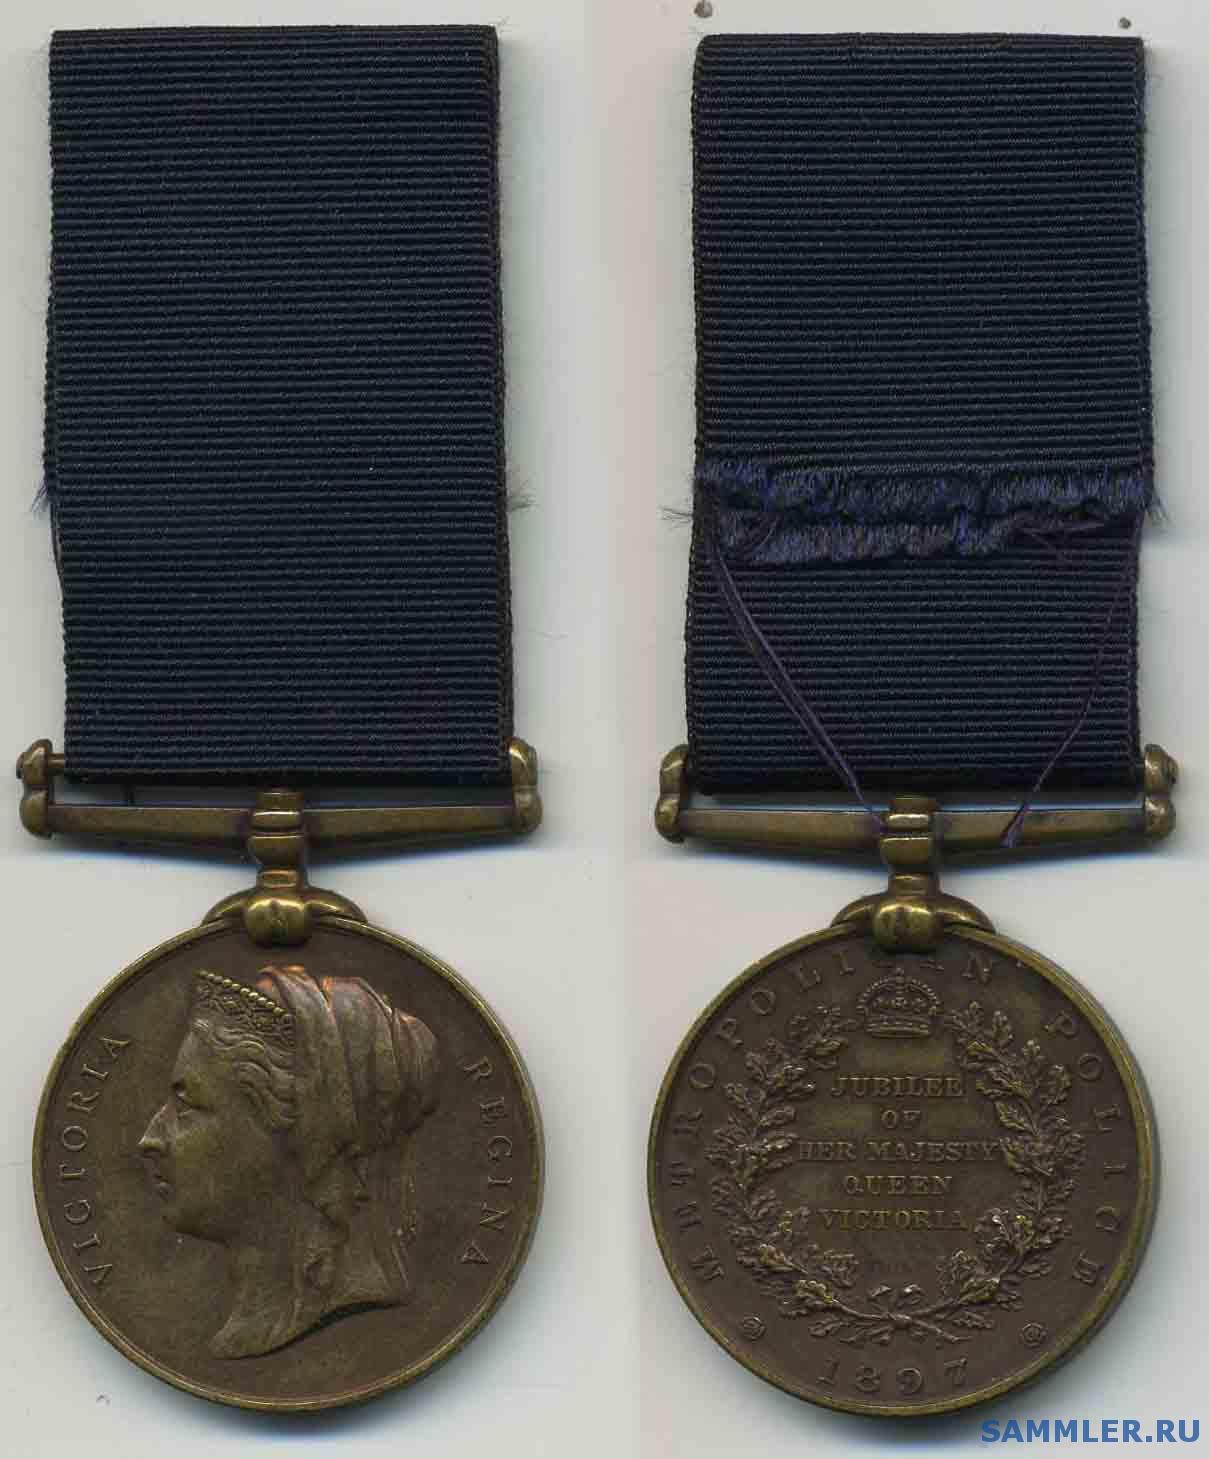 Jubilee_Medal_Police__1897.jpg